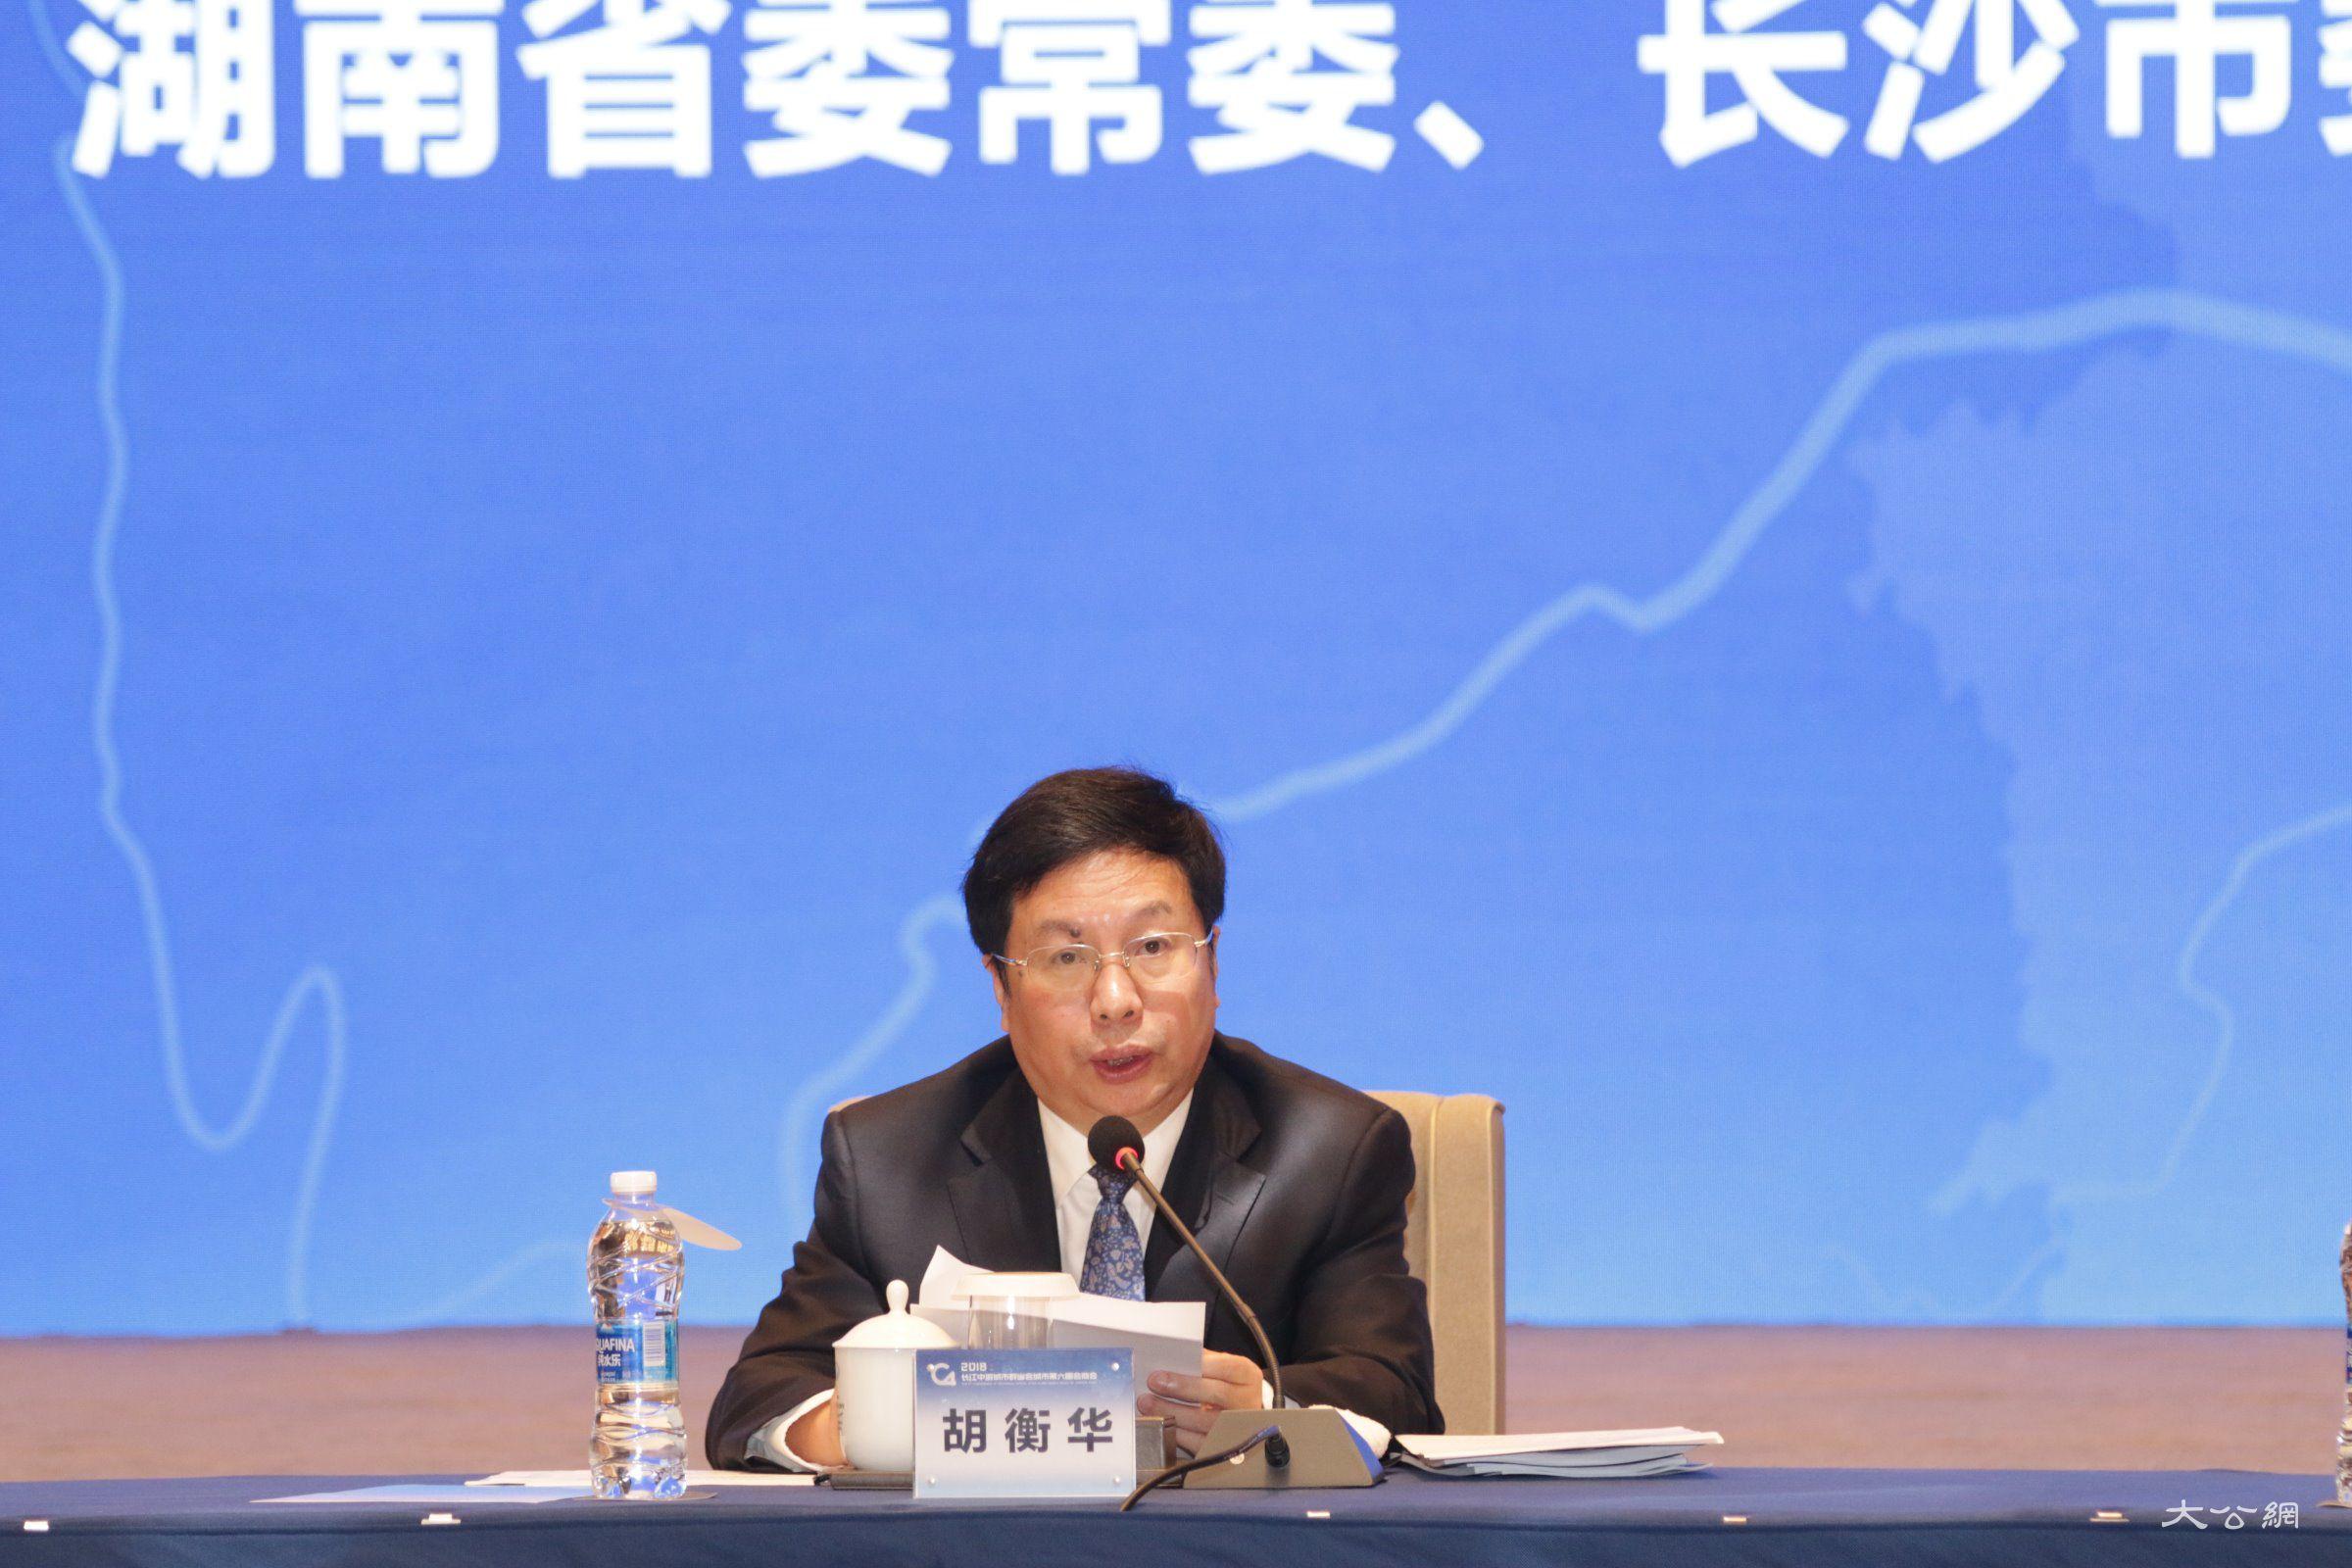 长江中游城市群:齐心共建经济增长第四极